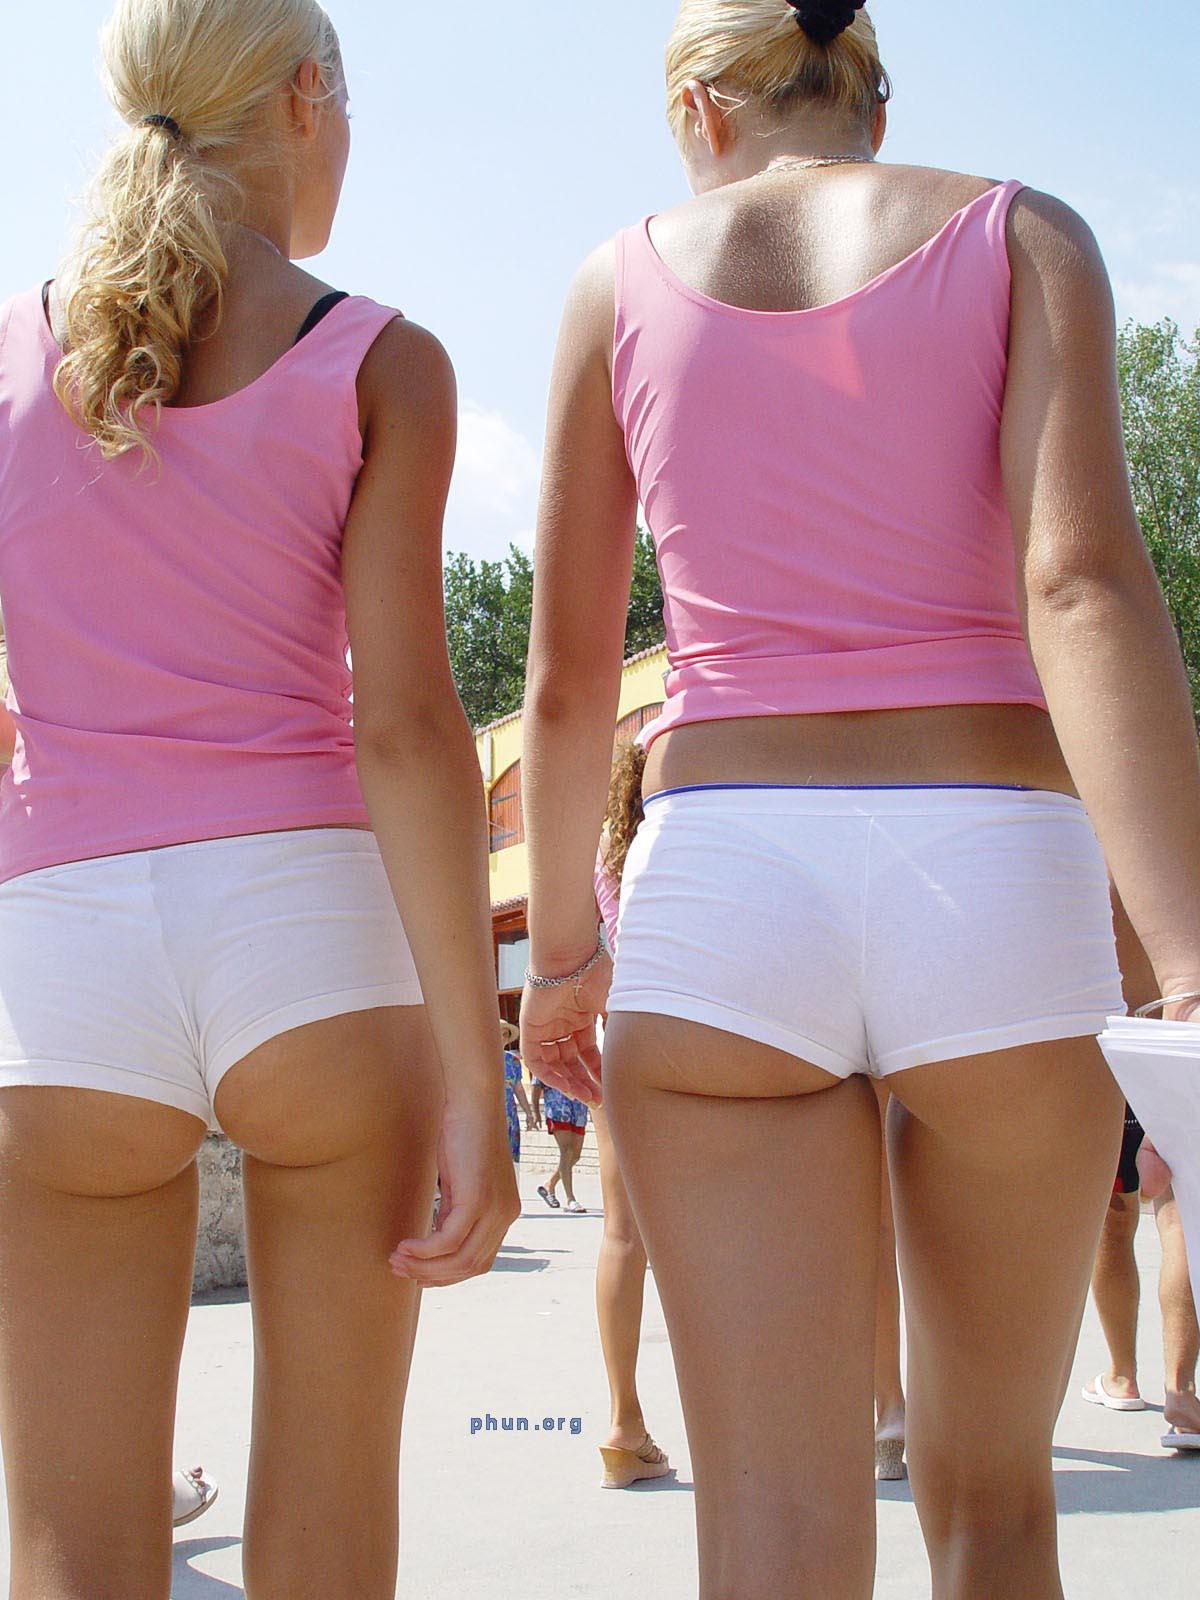 Фото трусиков на девочках попы 24 фотография